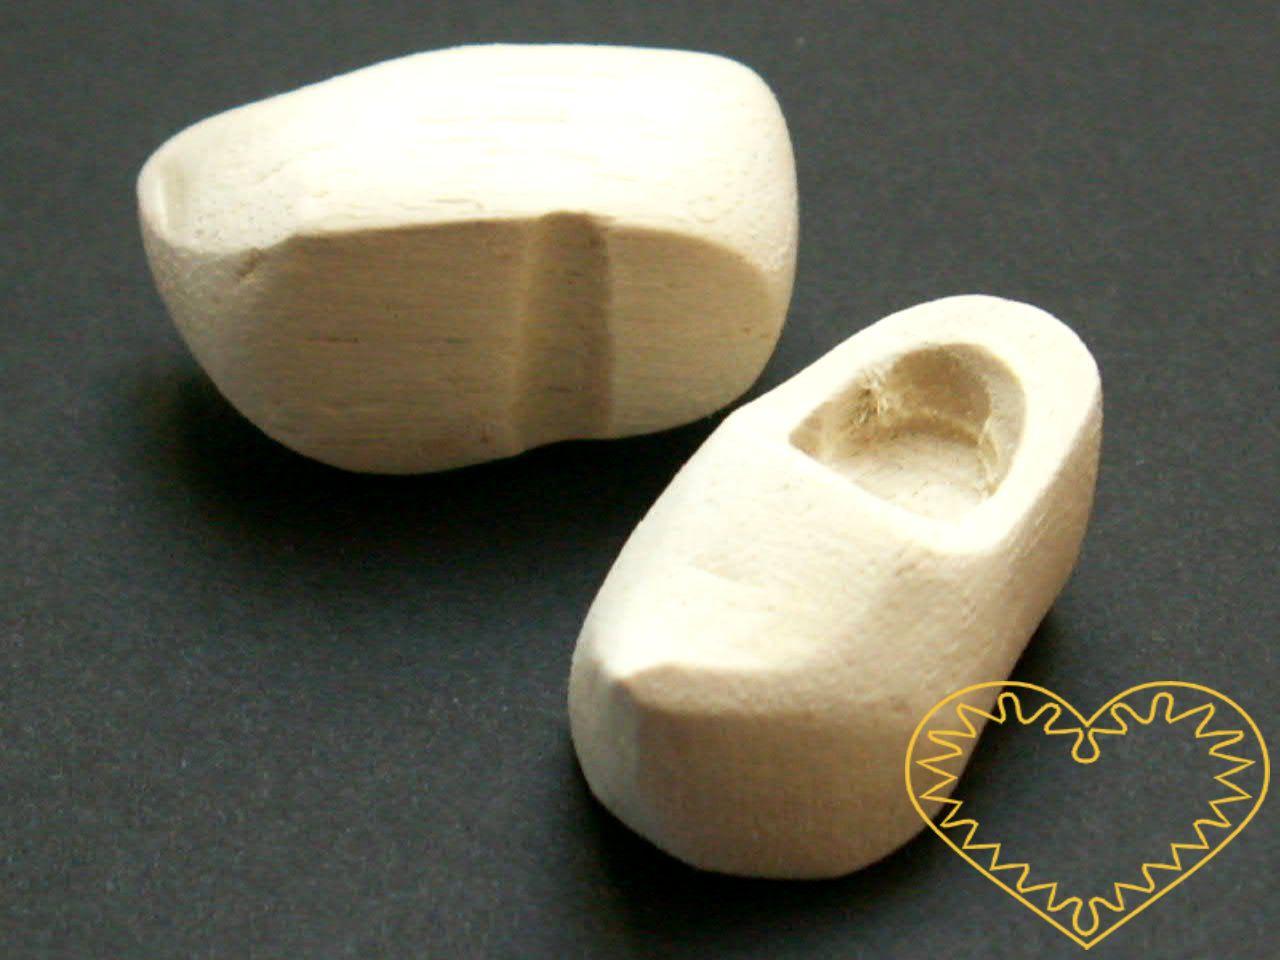 Malinké dlabané dřeváky - 1 pár. Délka = 3 cm, šířka = 1,7 cm, výška = 1,5 cm. Nádherné dřevěné botičky - dřeváčky - které Vám poslouží při výrobě figurek, panáčků, jehelníčků nebo jako aranžovací materiál.